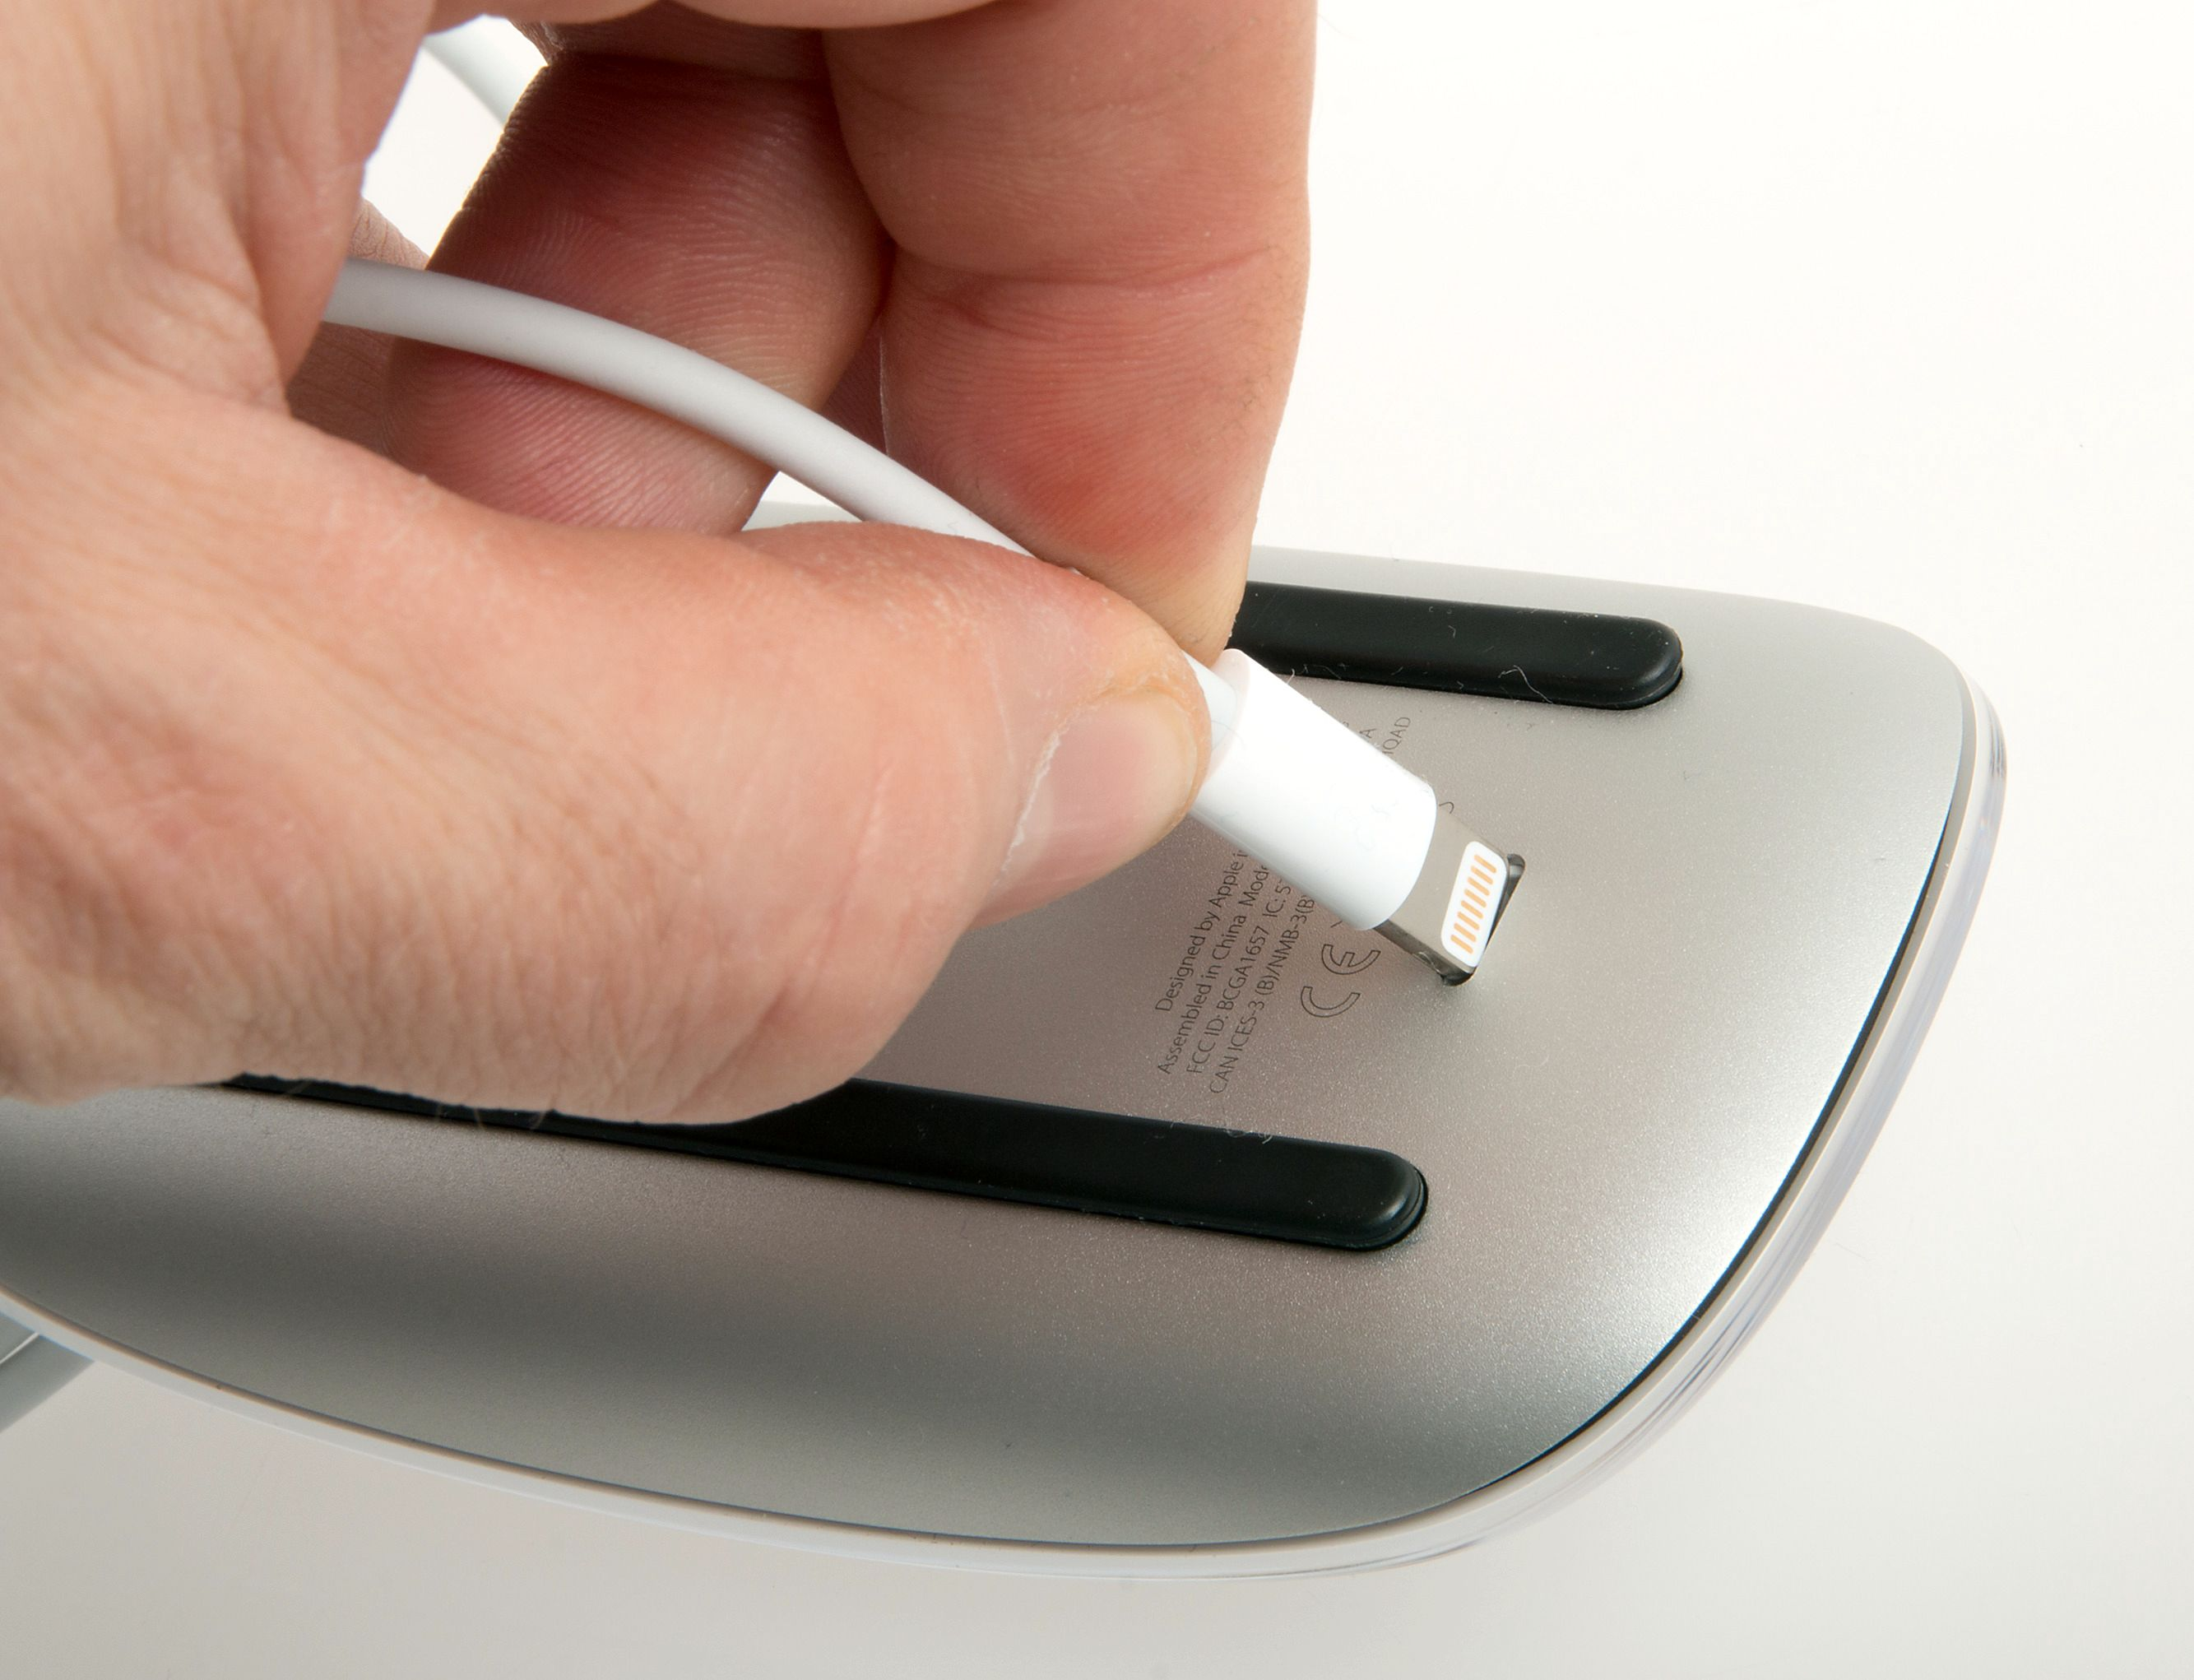 Men i alle dager, Apple! Plasseringen av ladekontakten gjør at du ikke får brukt musen når den lades. Foto: Kurt Lekanger, Tek.no